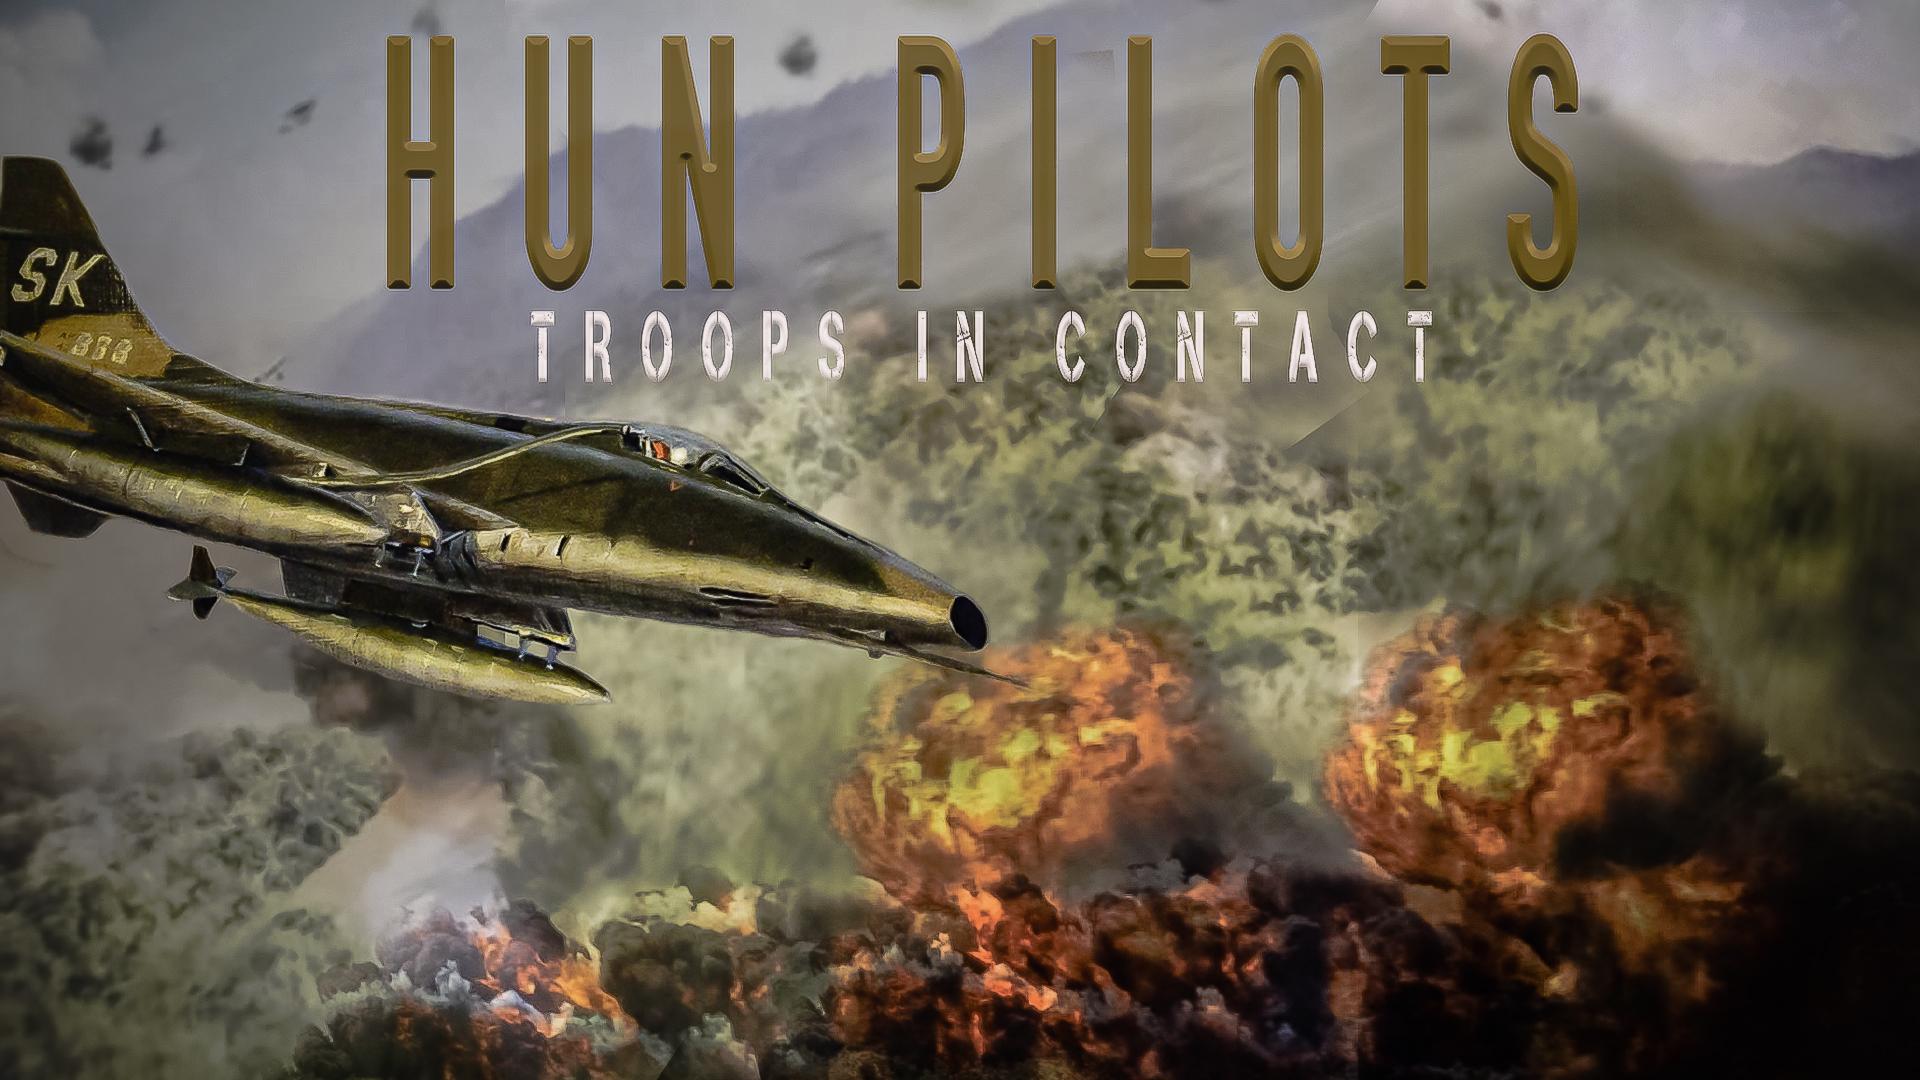 HUN Pilots